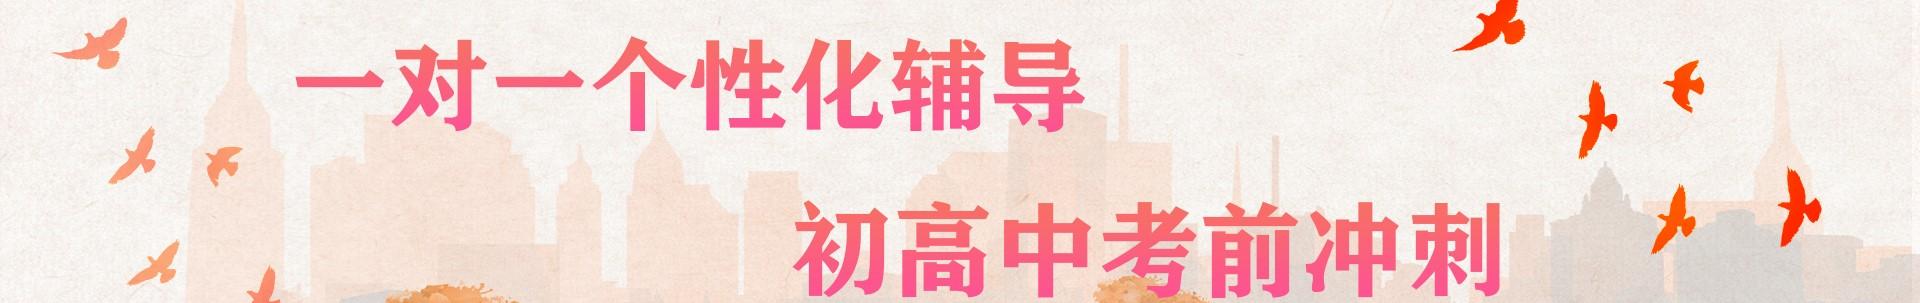 重慶文嶼教育